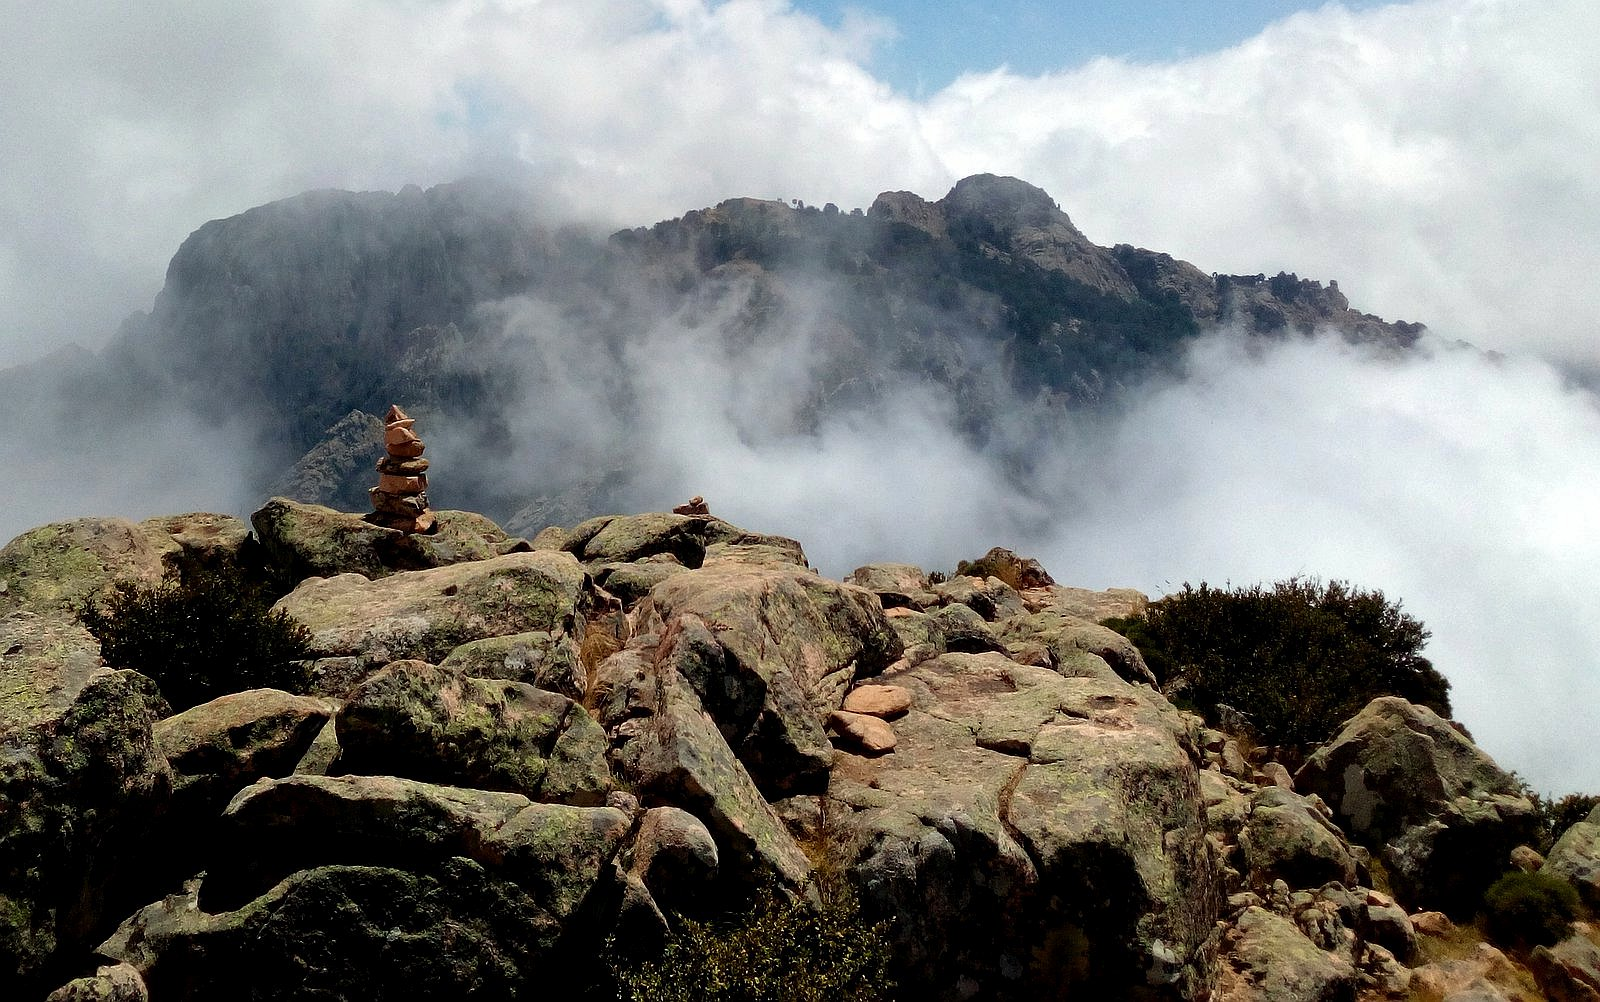 hory, skály, mraky, mlha, světlo, tma, kontrast / foto -luzuce-